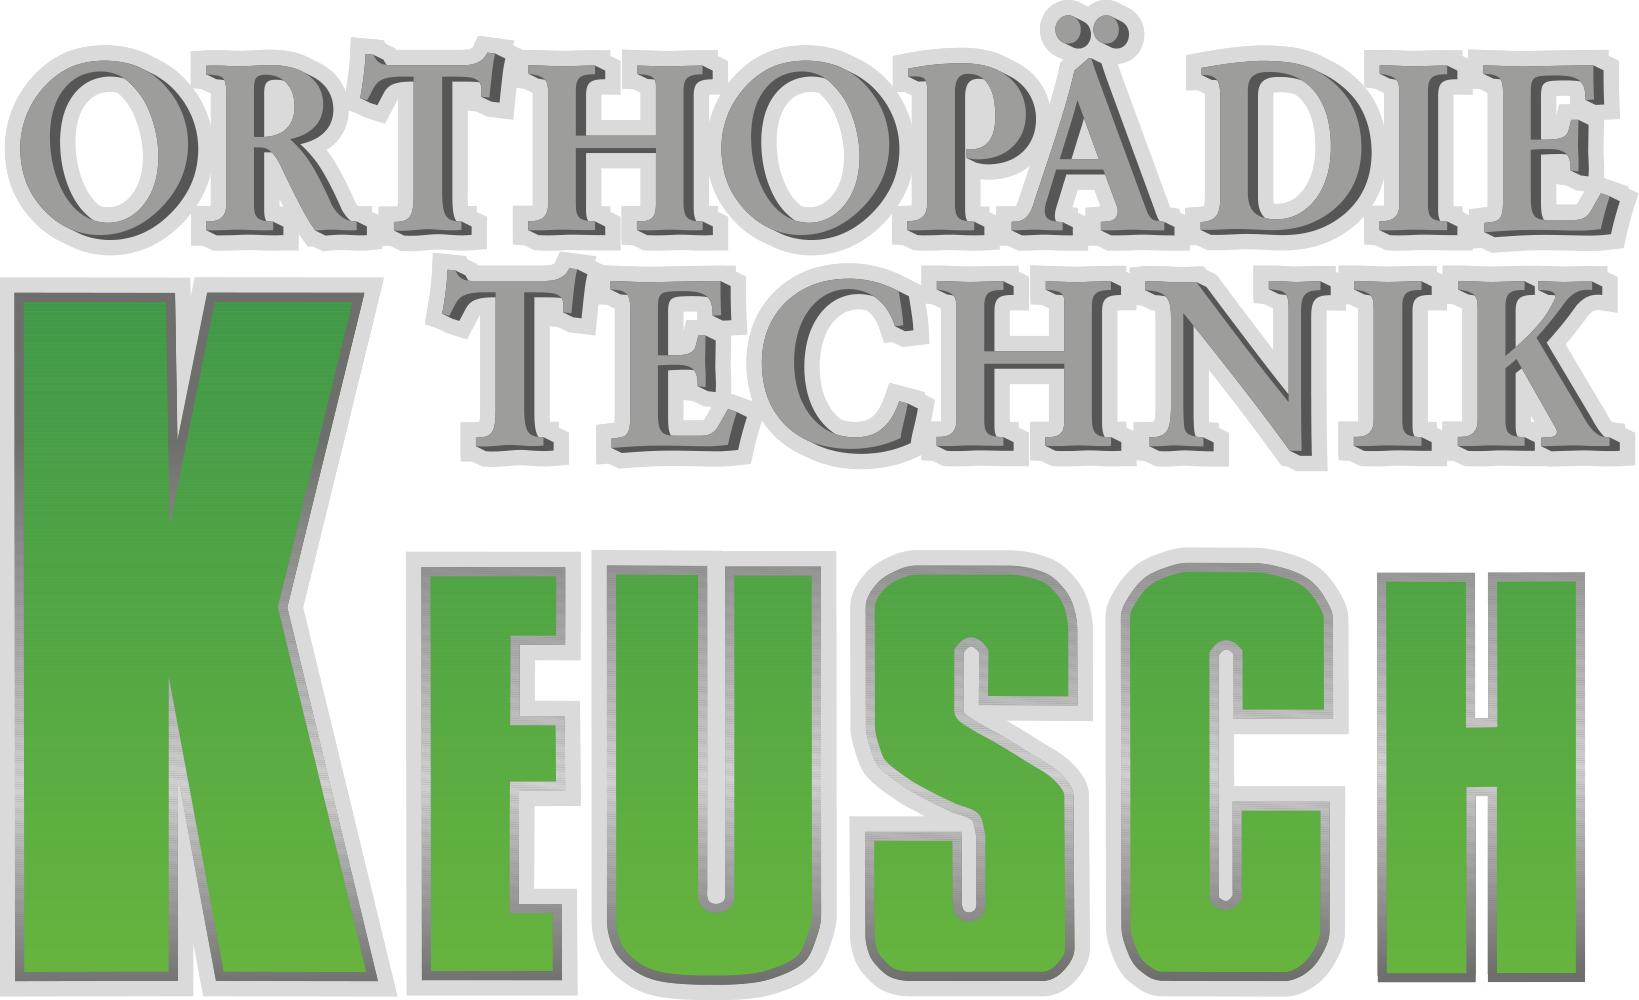 Orthopädie Technik Sanitätshaus Keusch e. K.